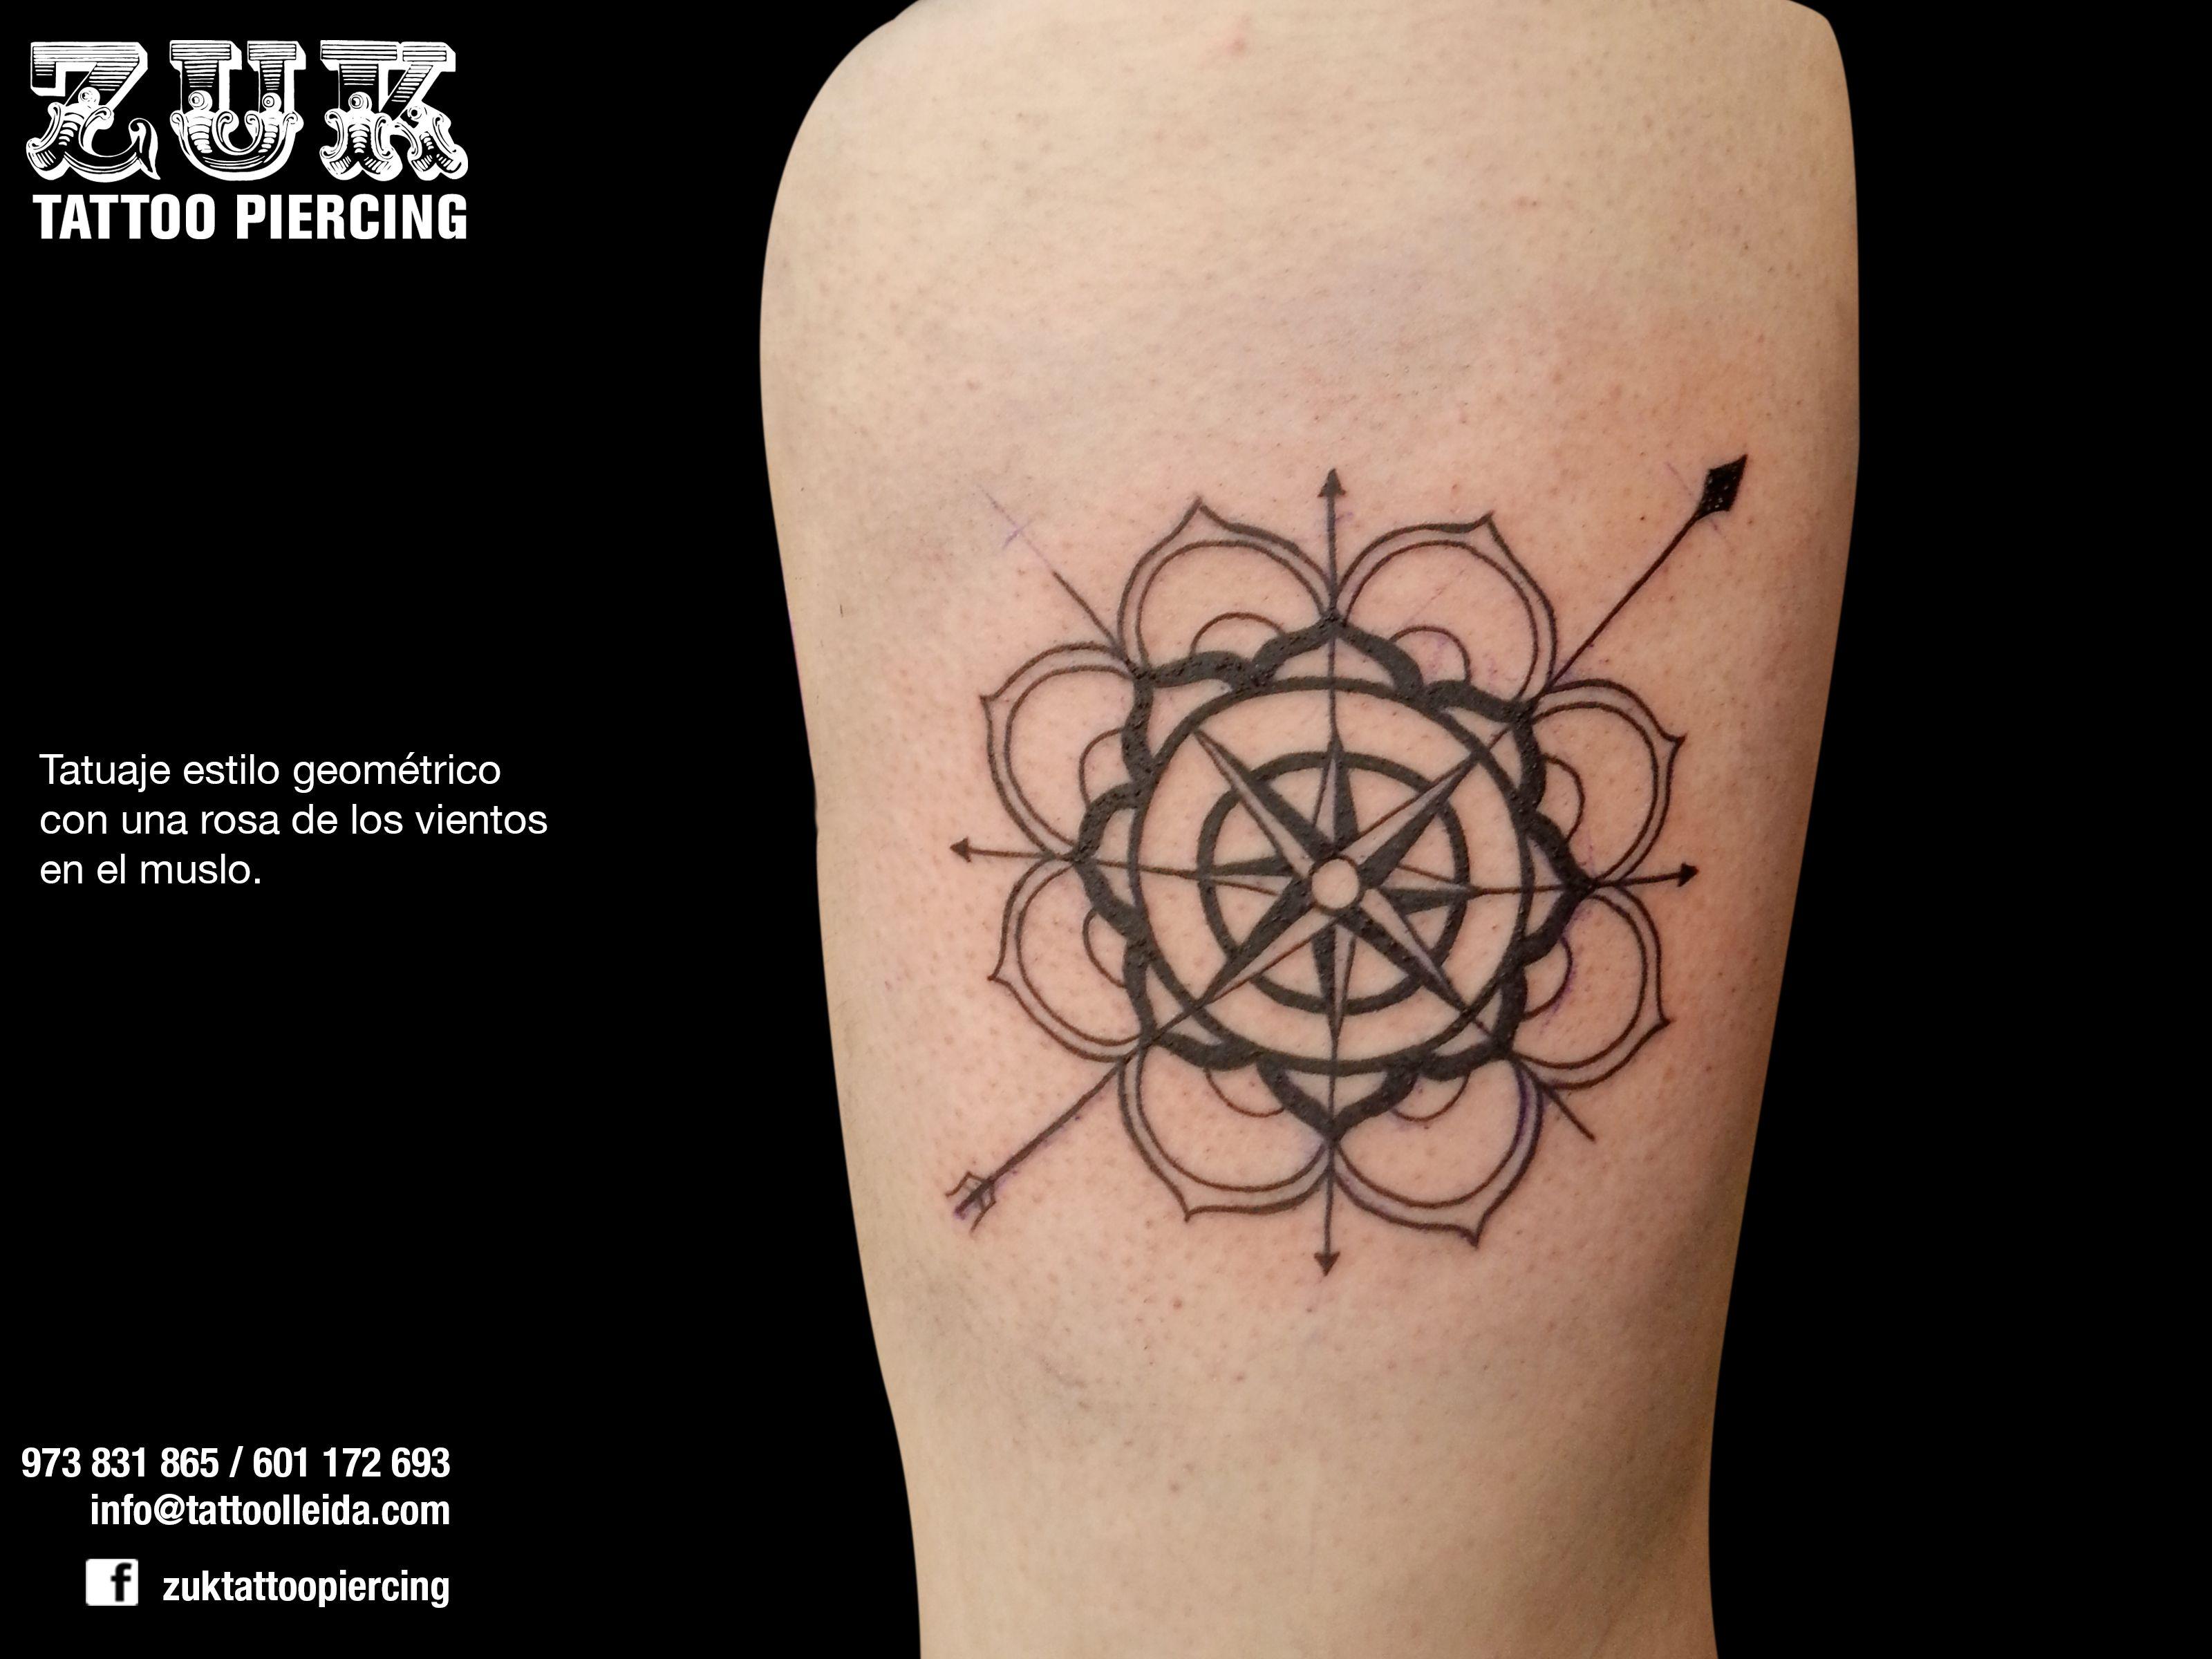 Tatuaje Estilo Geométrico Con Una Rosa De Los Vientos En El Muslo